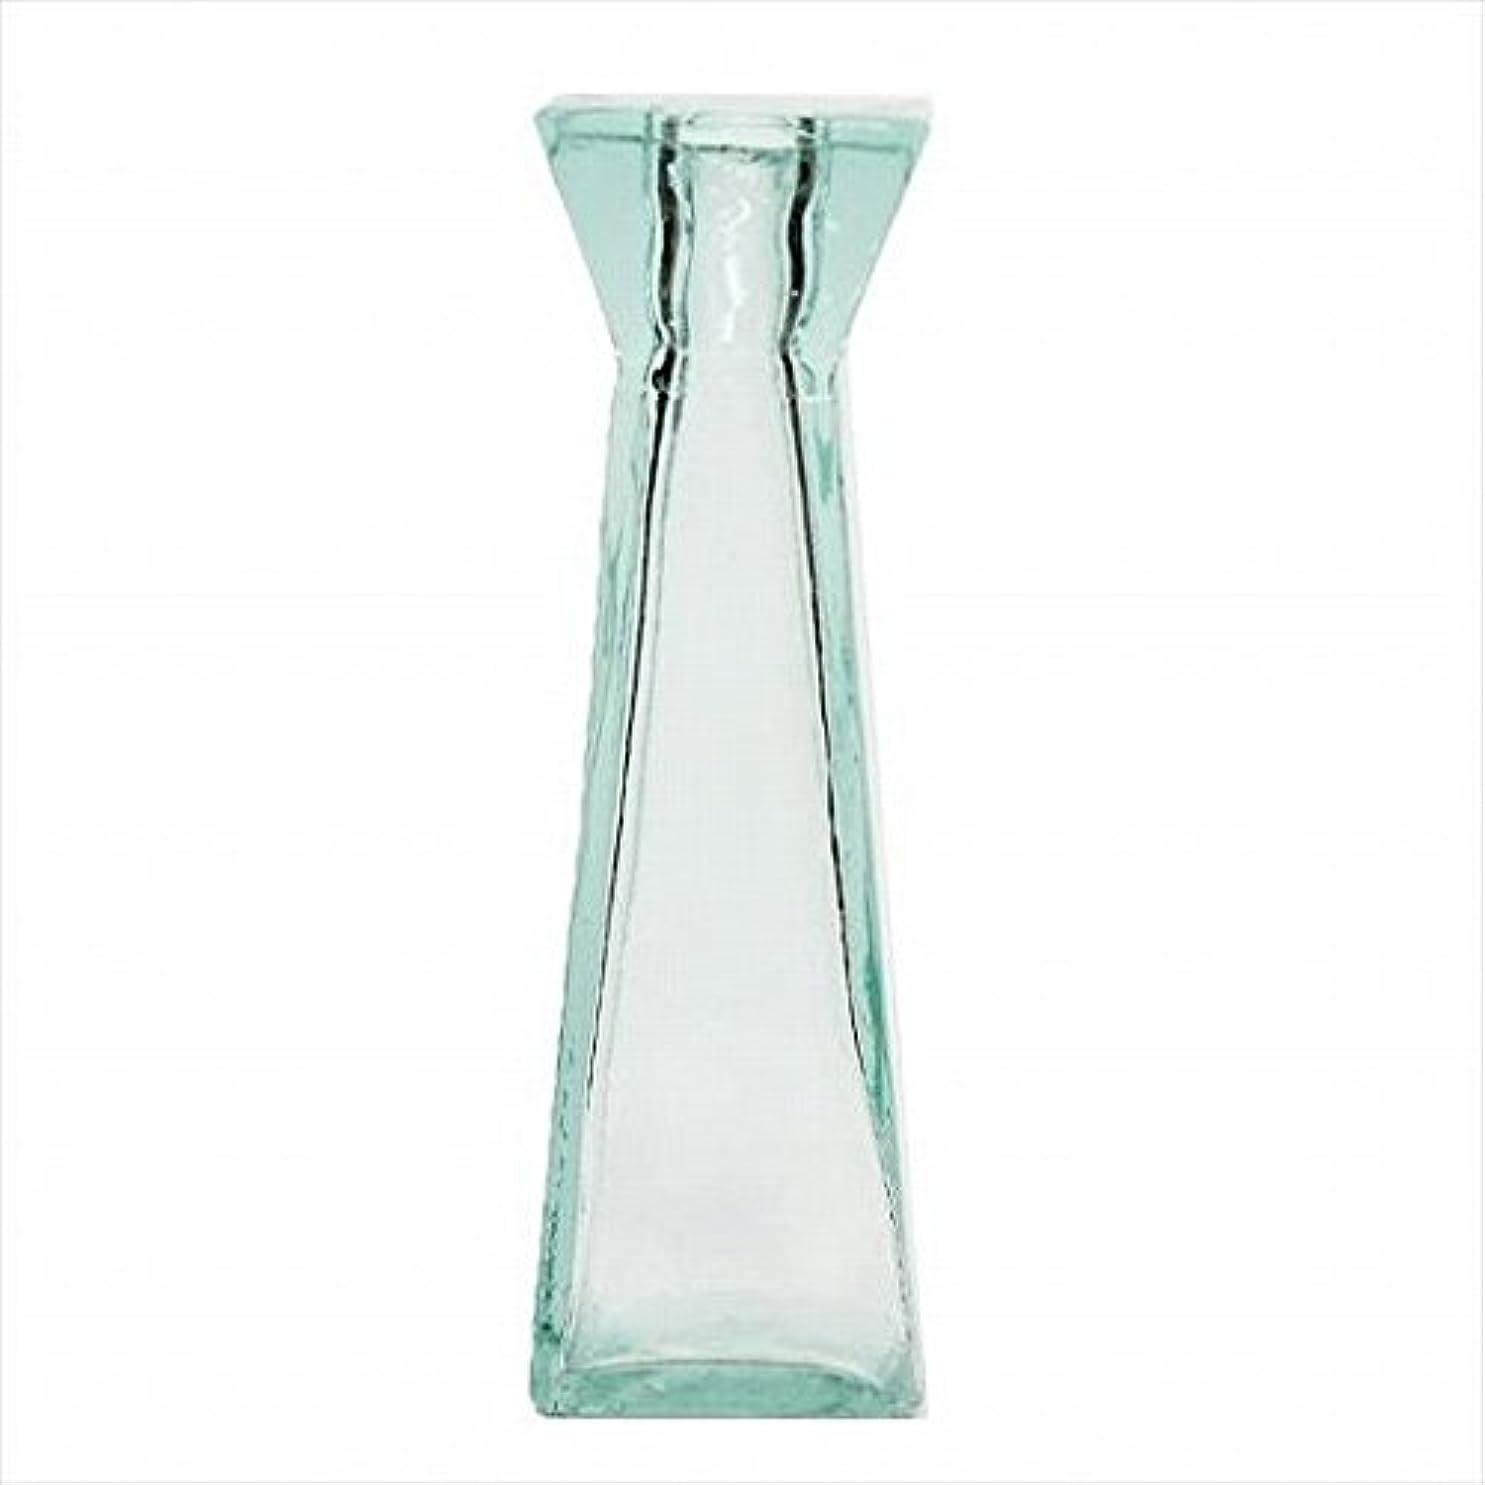 レジお金主kameyama candle(カメヤマキャンドル) オリオンS キャンドル 45x45x150mm (J4010000)